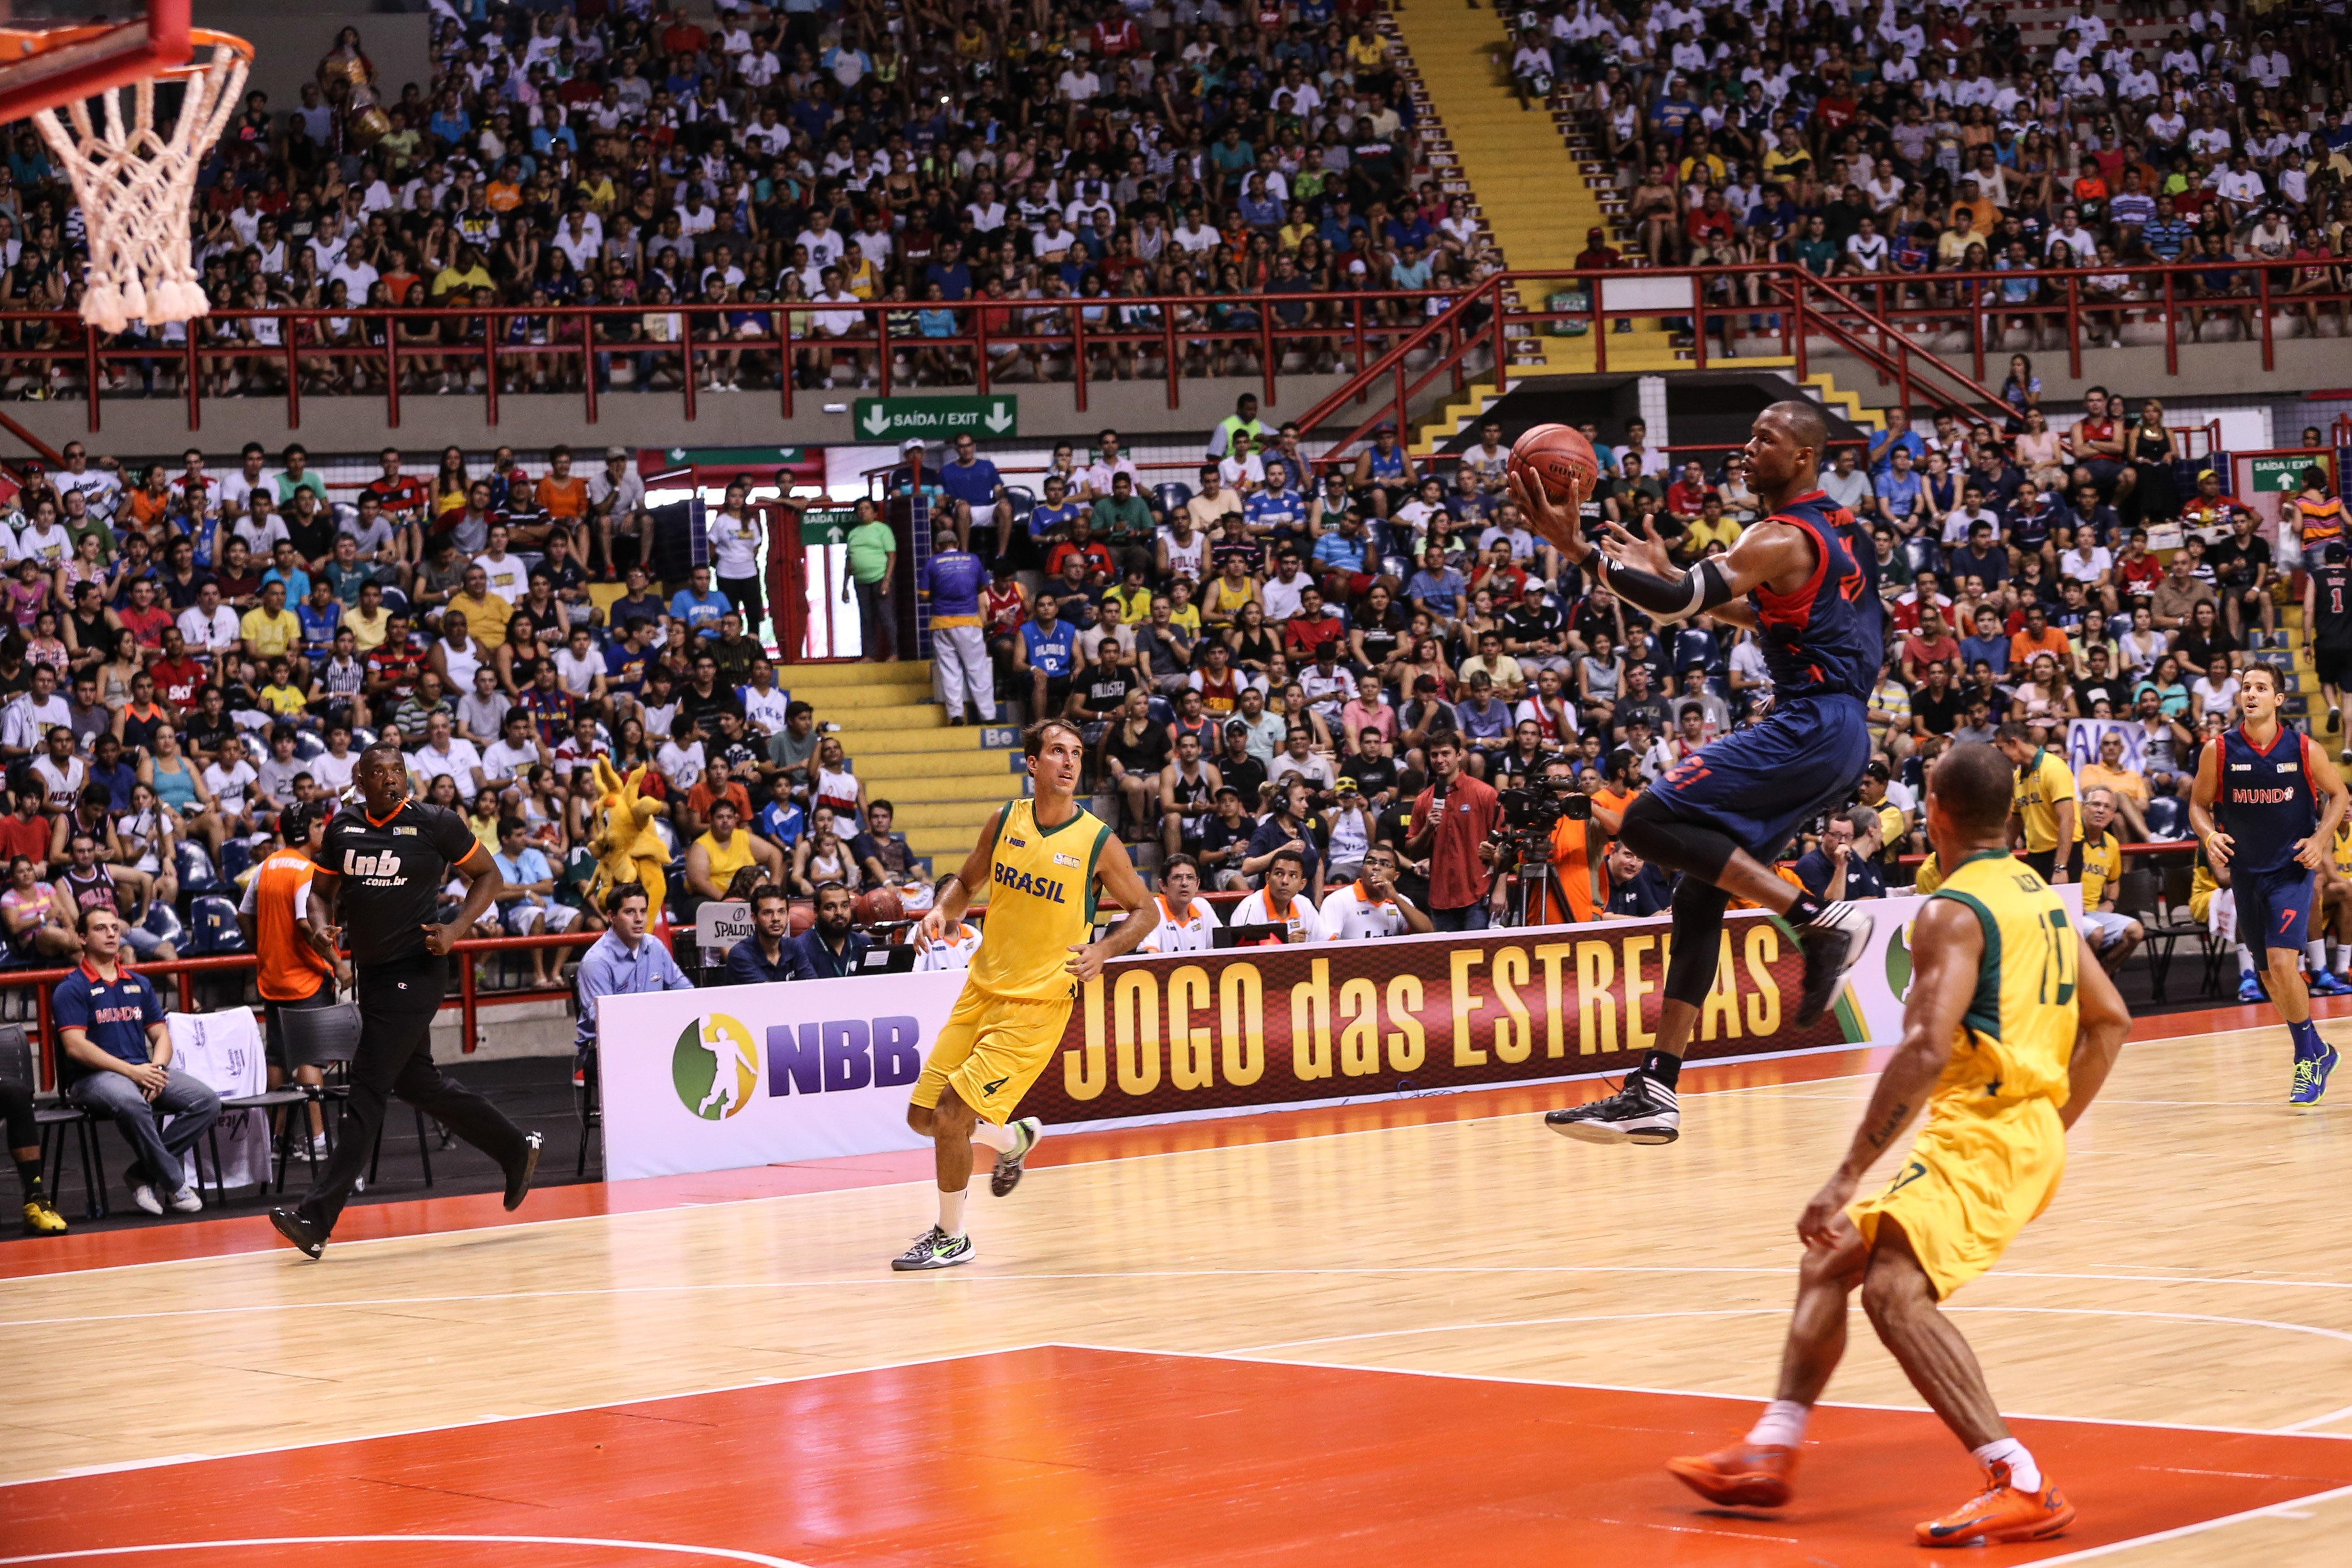 Última edição do Jogo das Estrelas foi realizada no Ginásio Paulo Sarasate, em Fortaleza, e teve o NBB Brasil como vencedor (Luiz Pires/LNB)